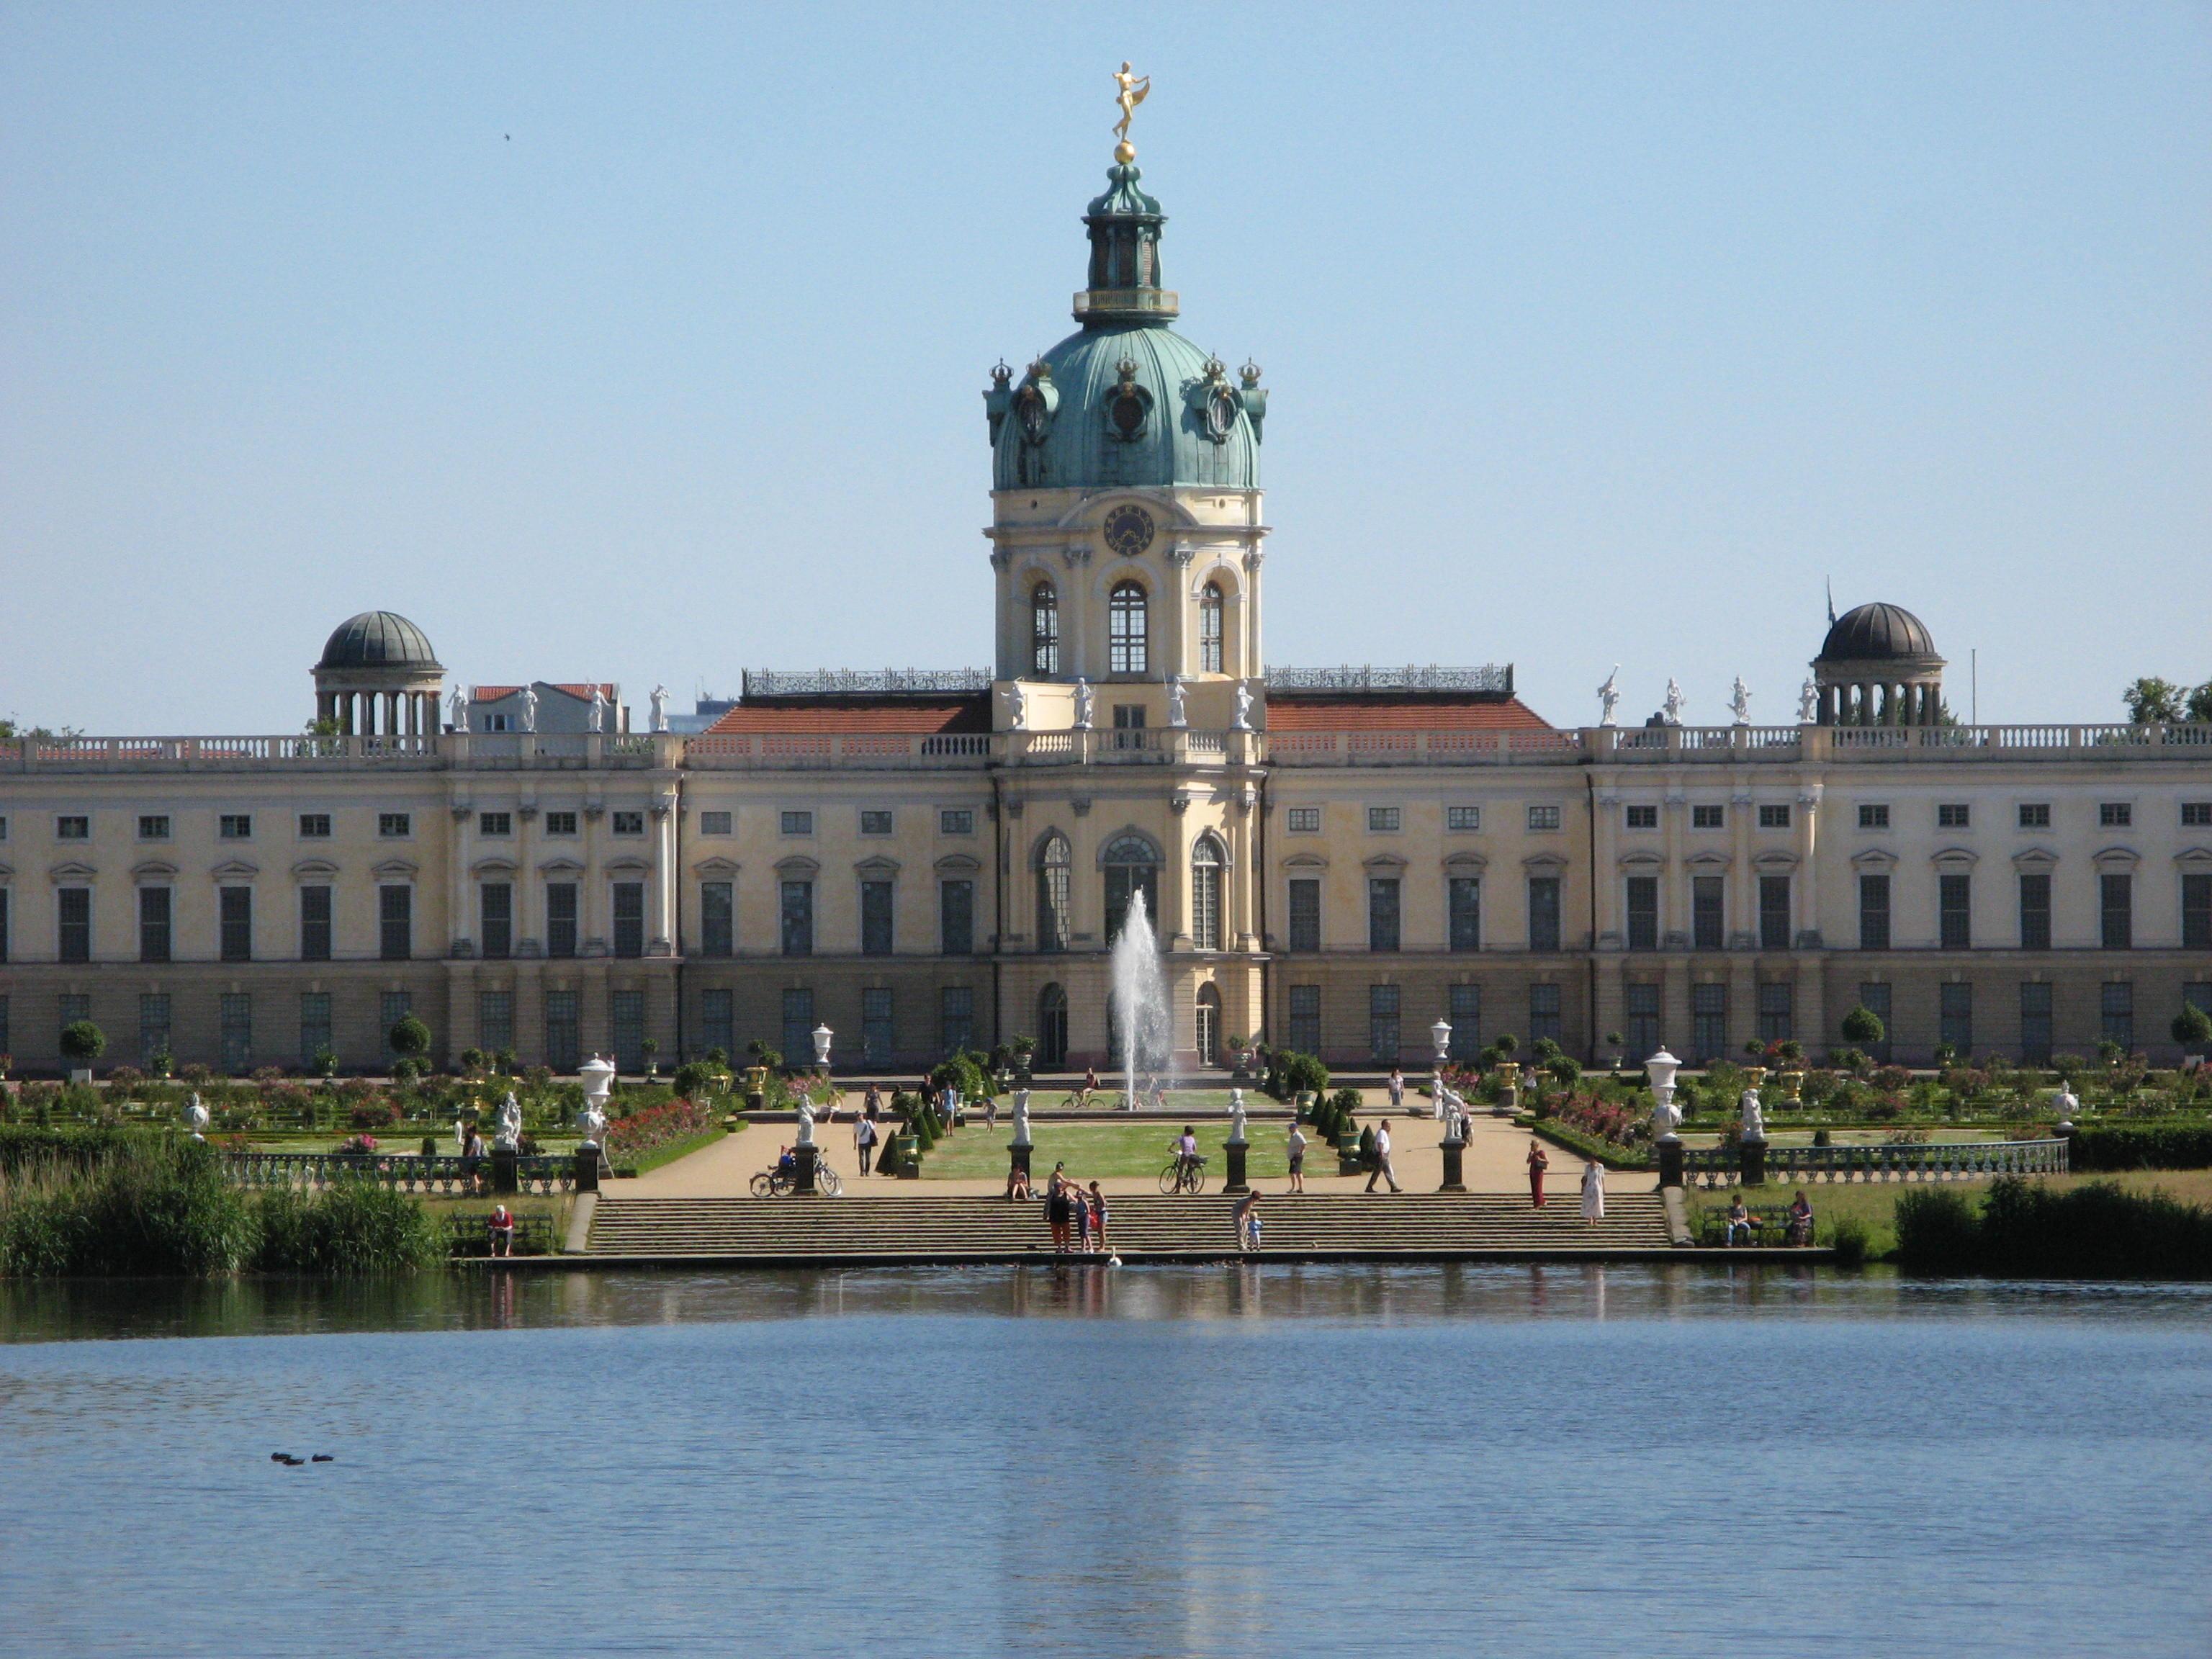 Дворец Щарлоттенбург, Берлин